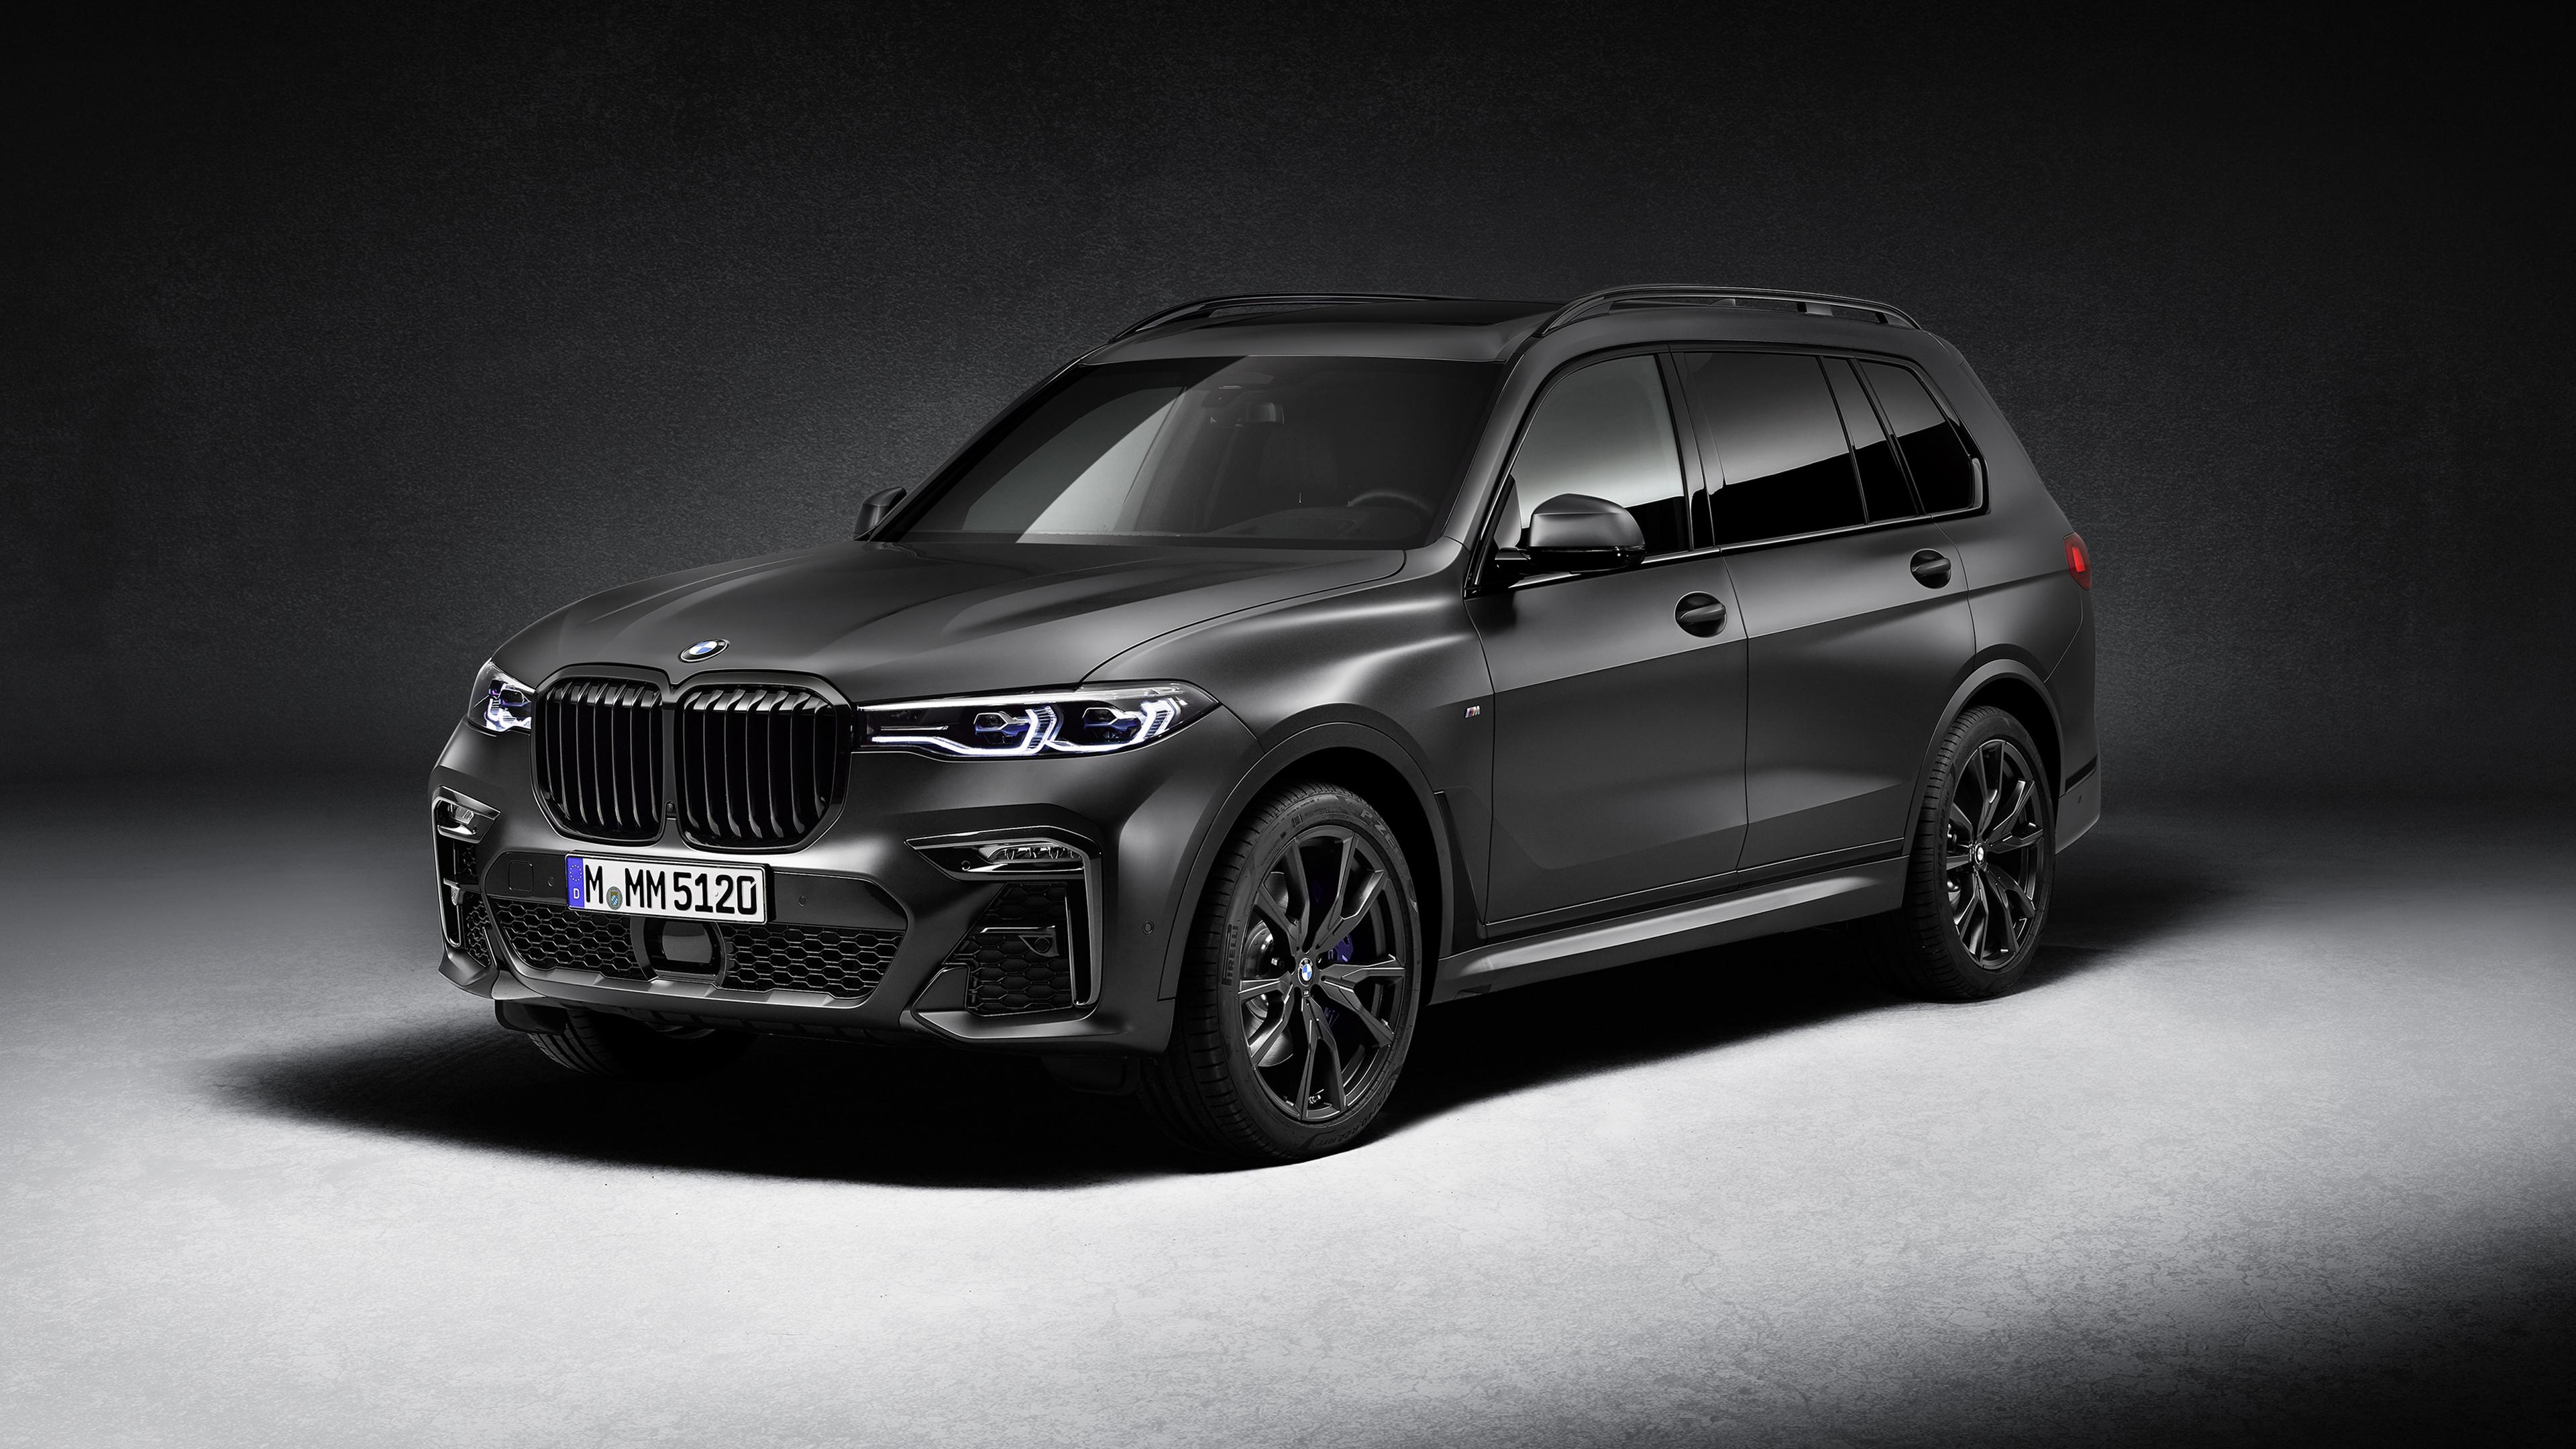 BMW X7 M50i Edition Dark Shadow 2020 4K Wallpaper | HD Car ...